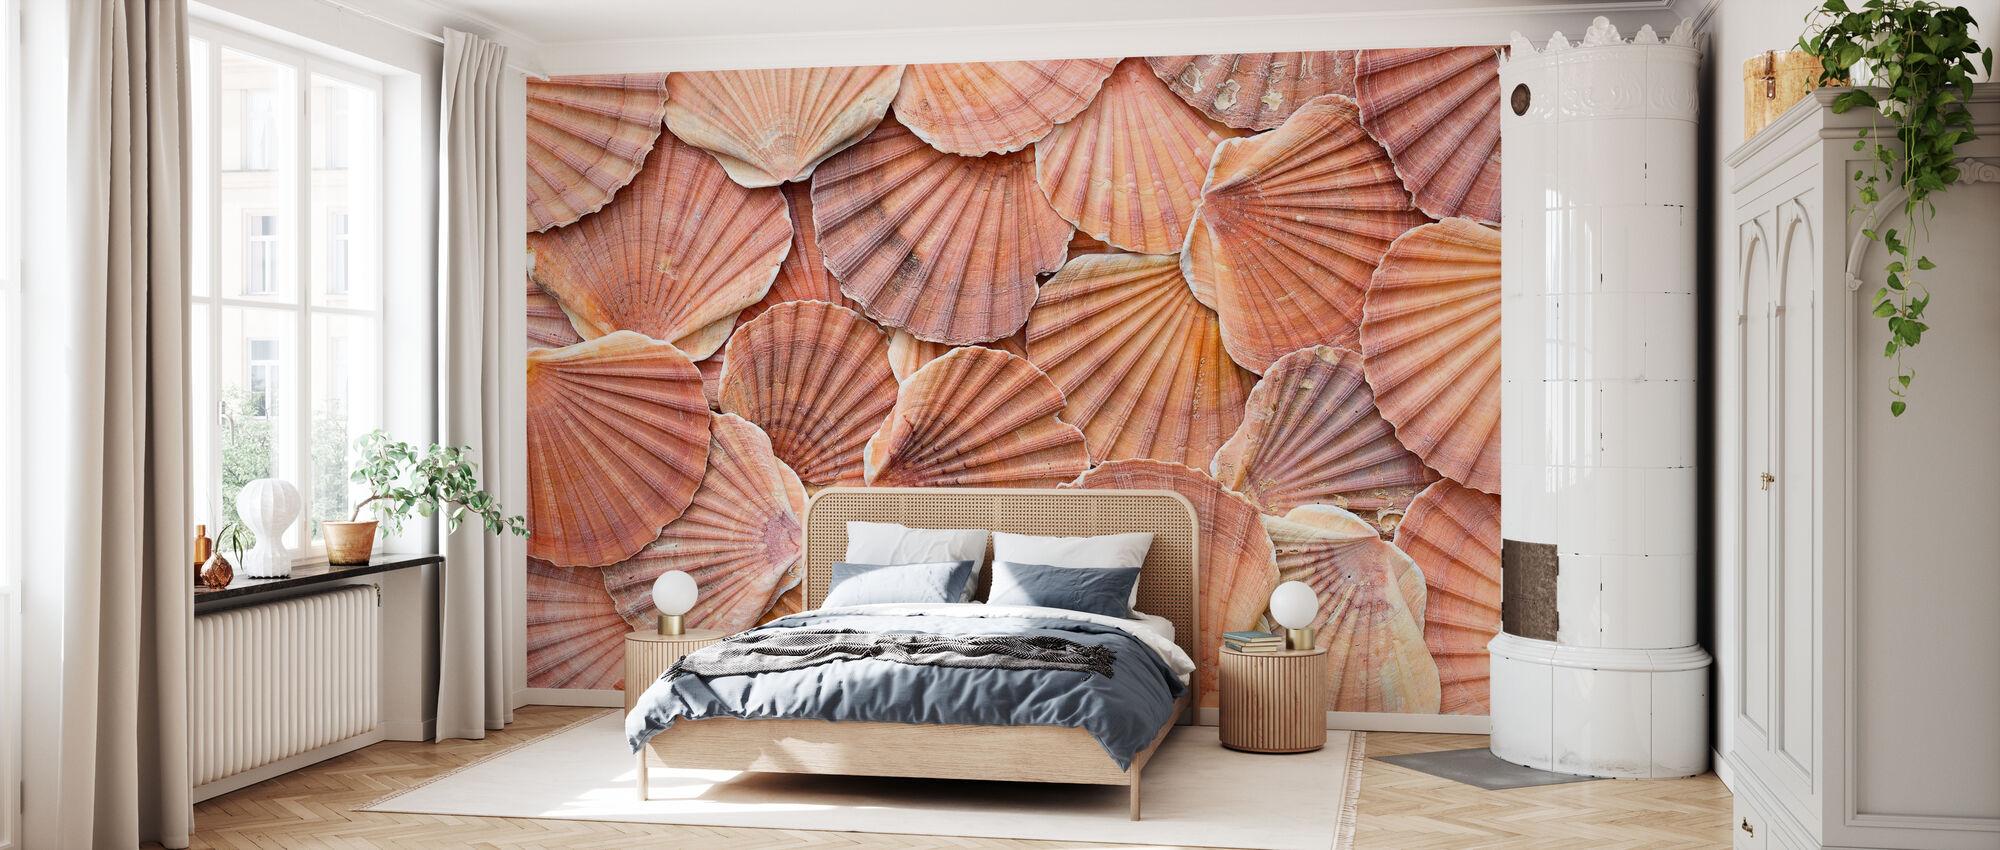 Scallops Mussla - Wallpaper - Bedroom